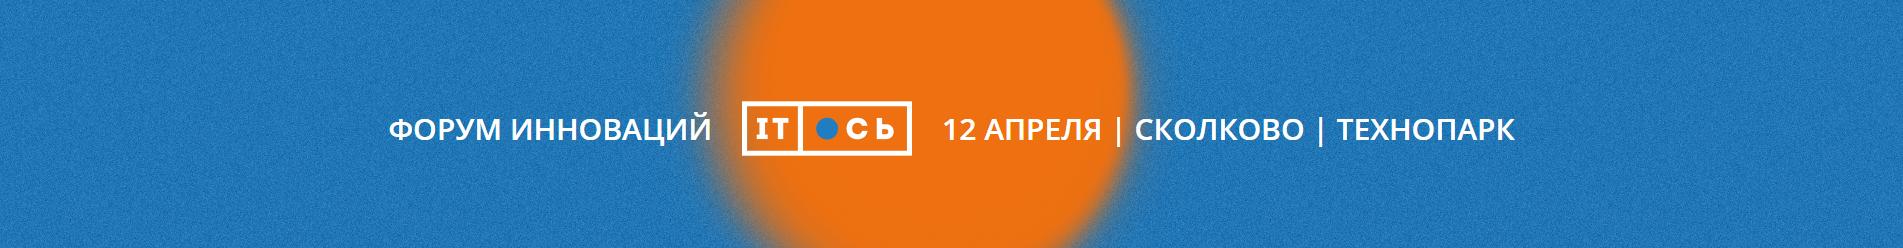 IT-ОСЬ 2018